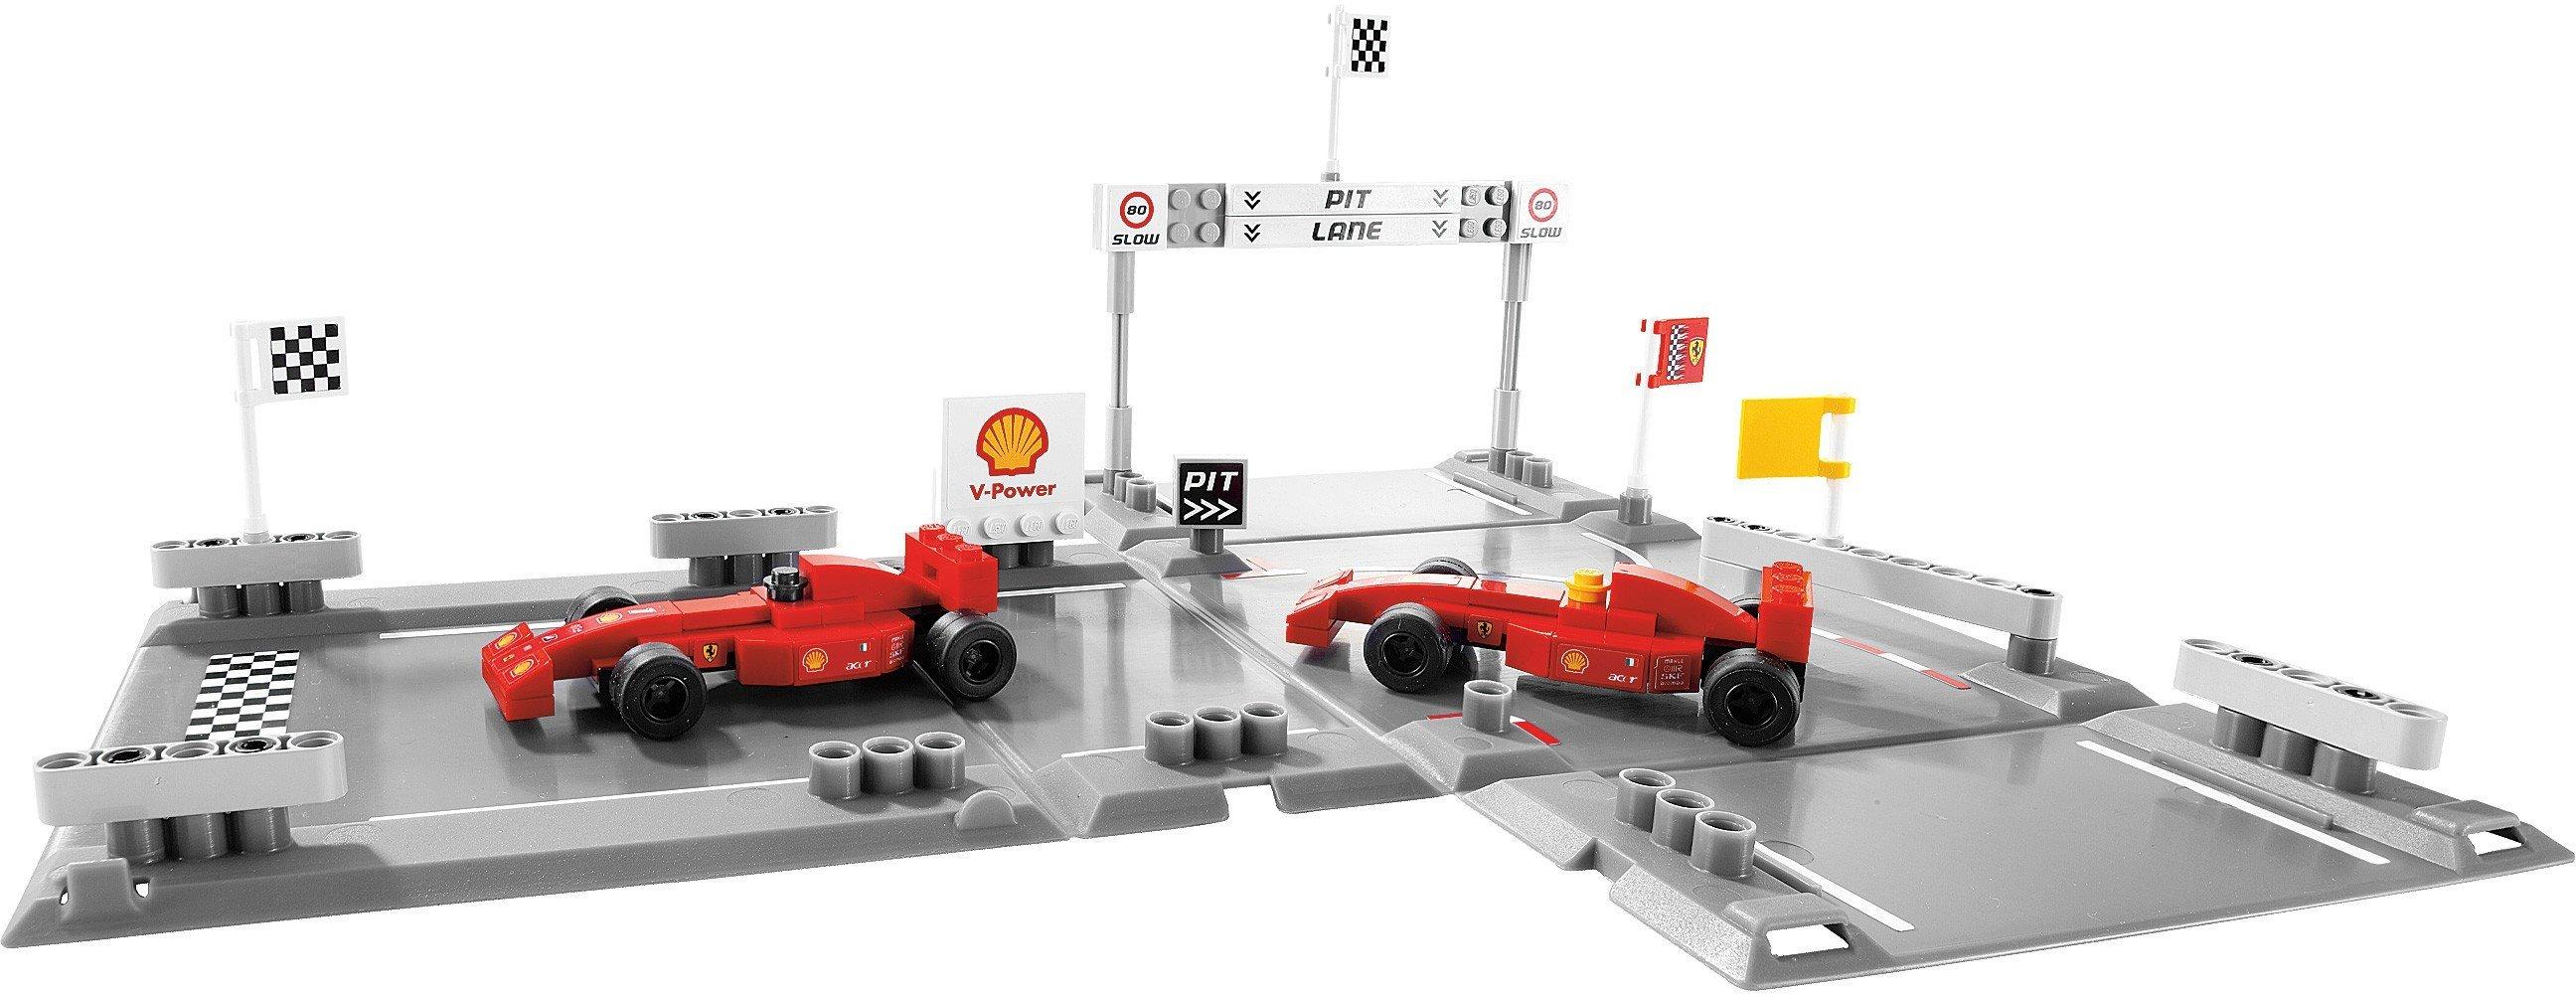 Ferrari F1 Racers